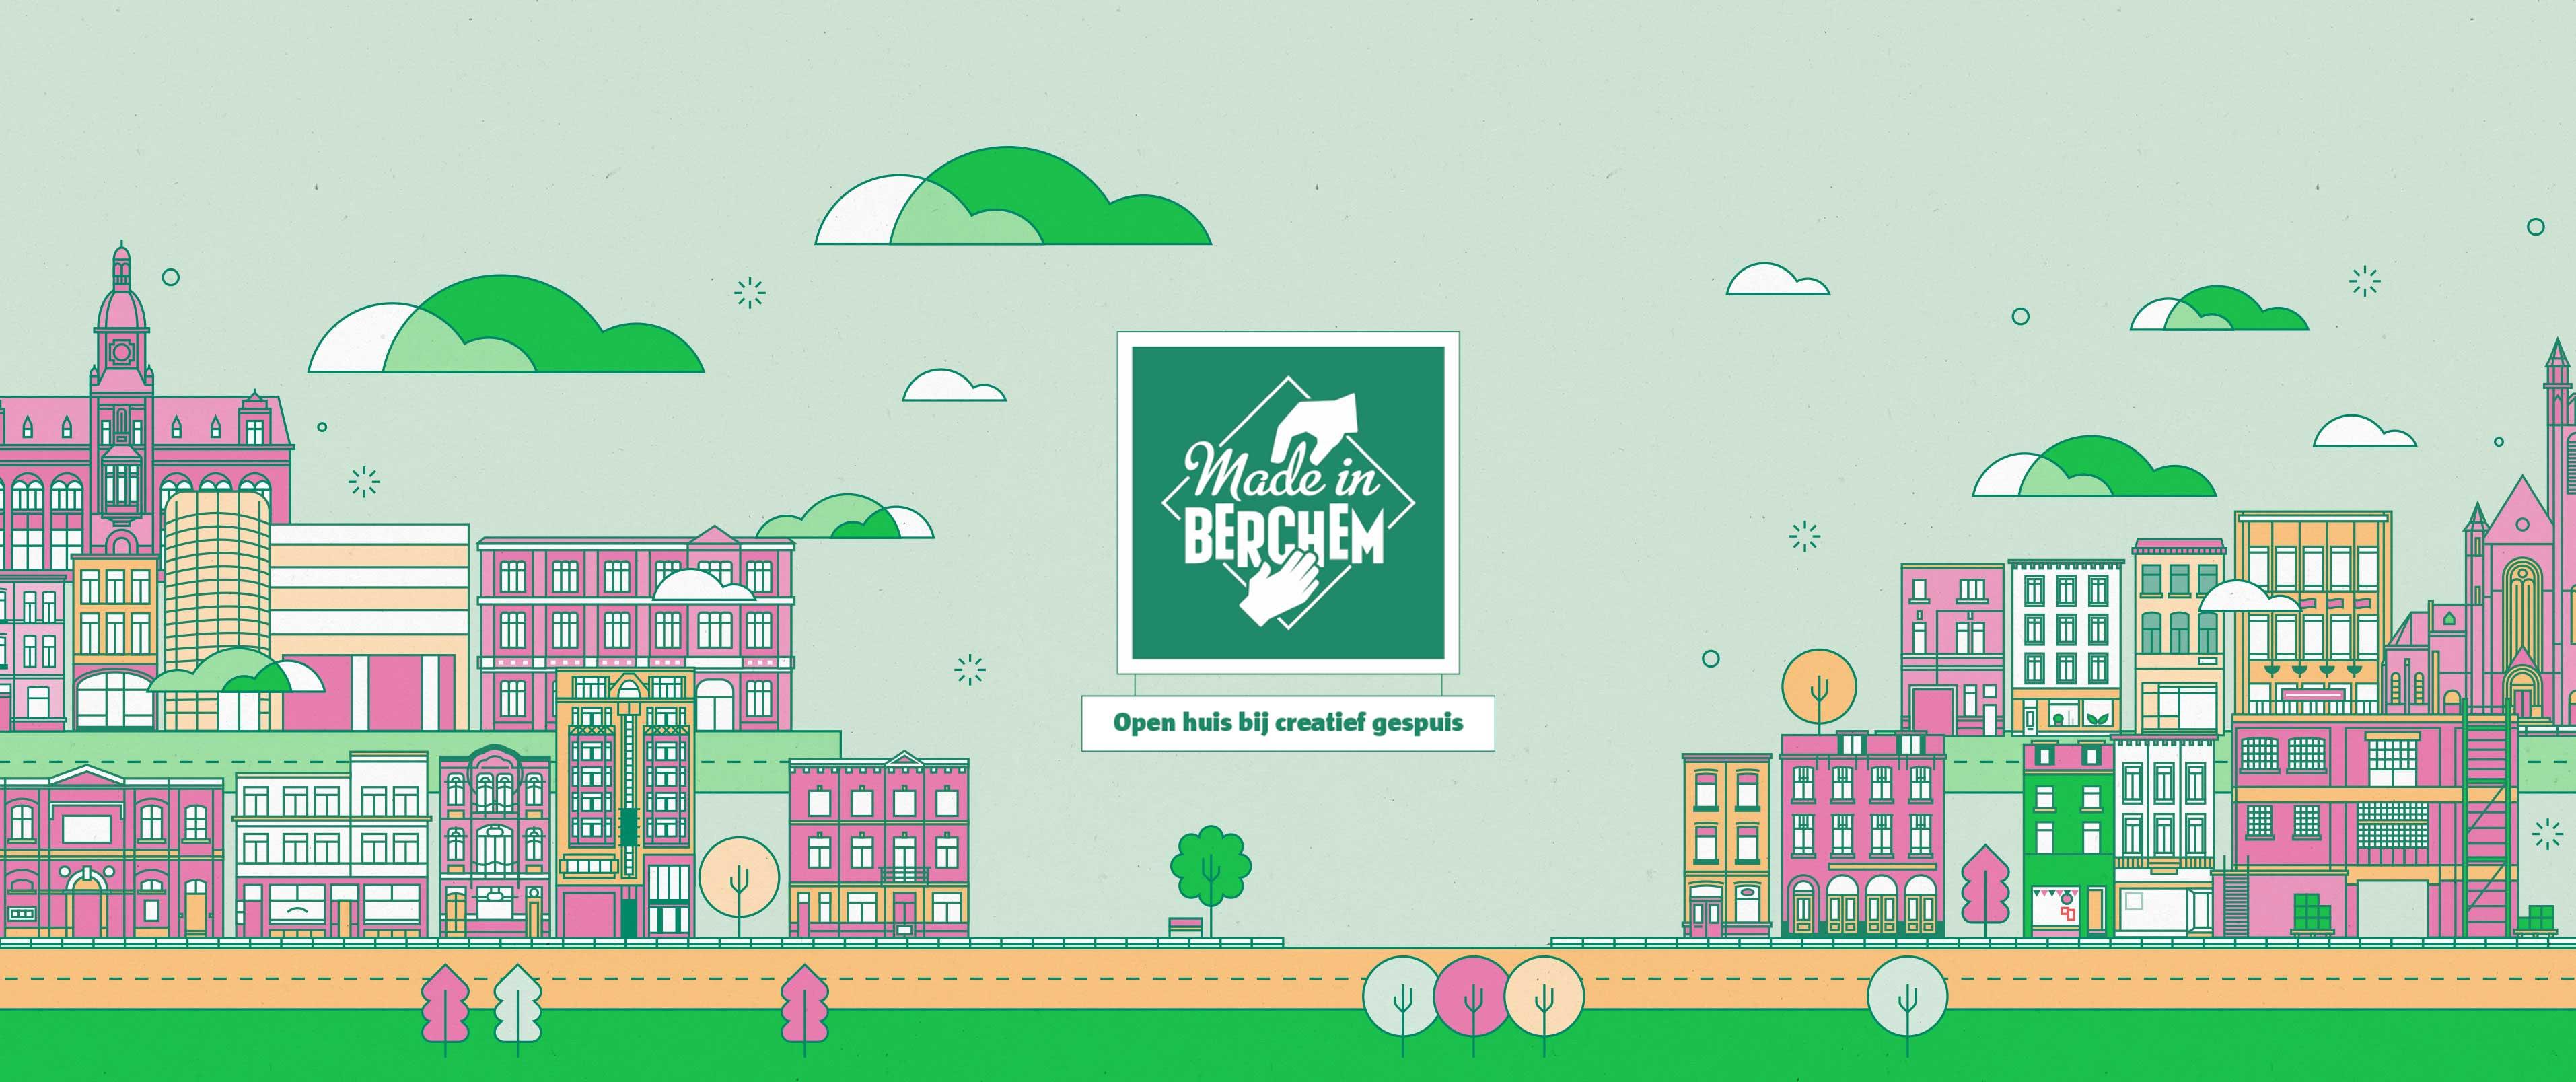 Made In Berchem 2020